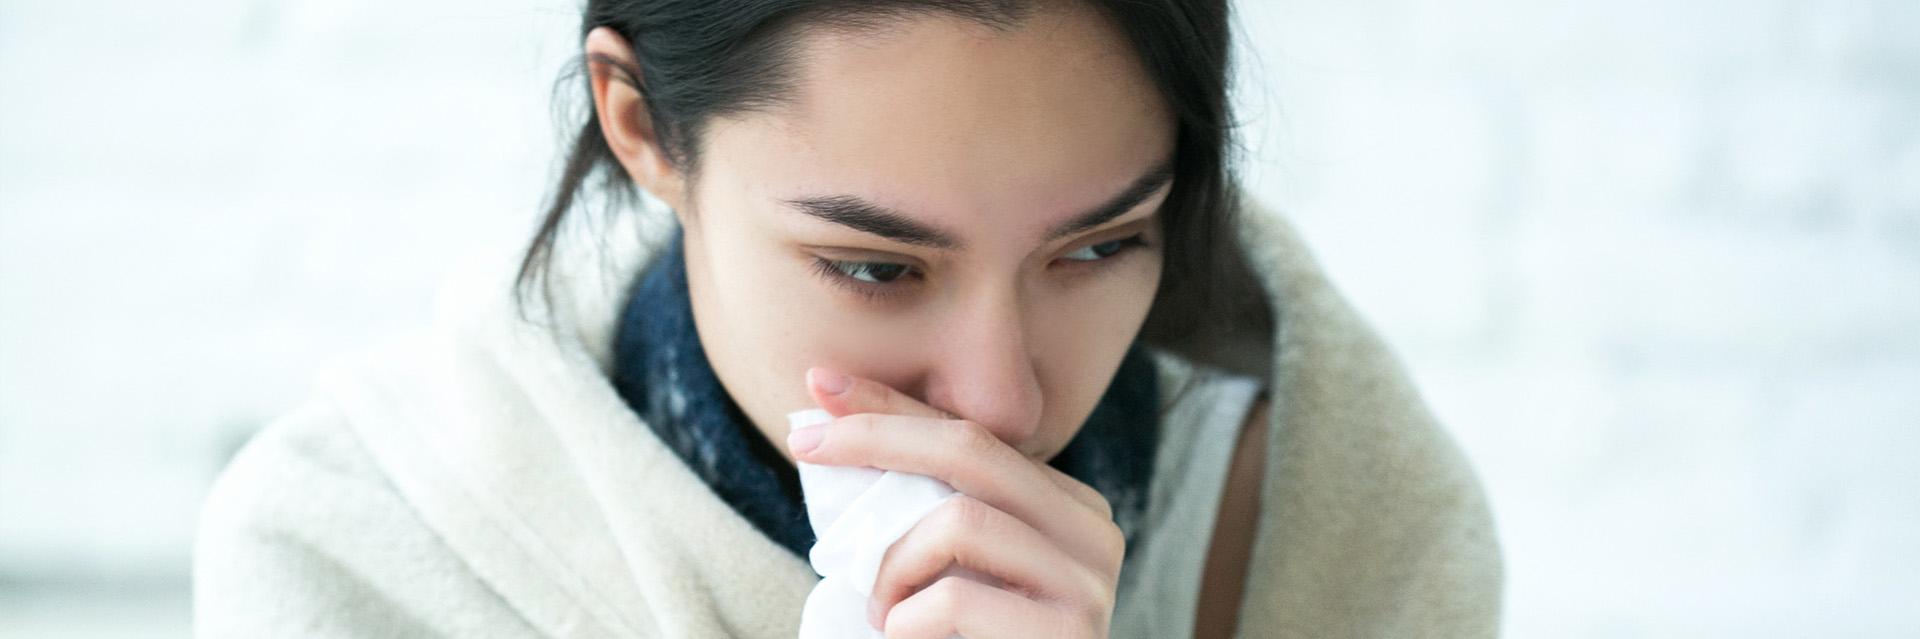 10 popularnych mitów o grypie